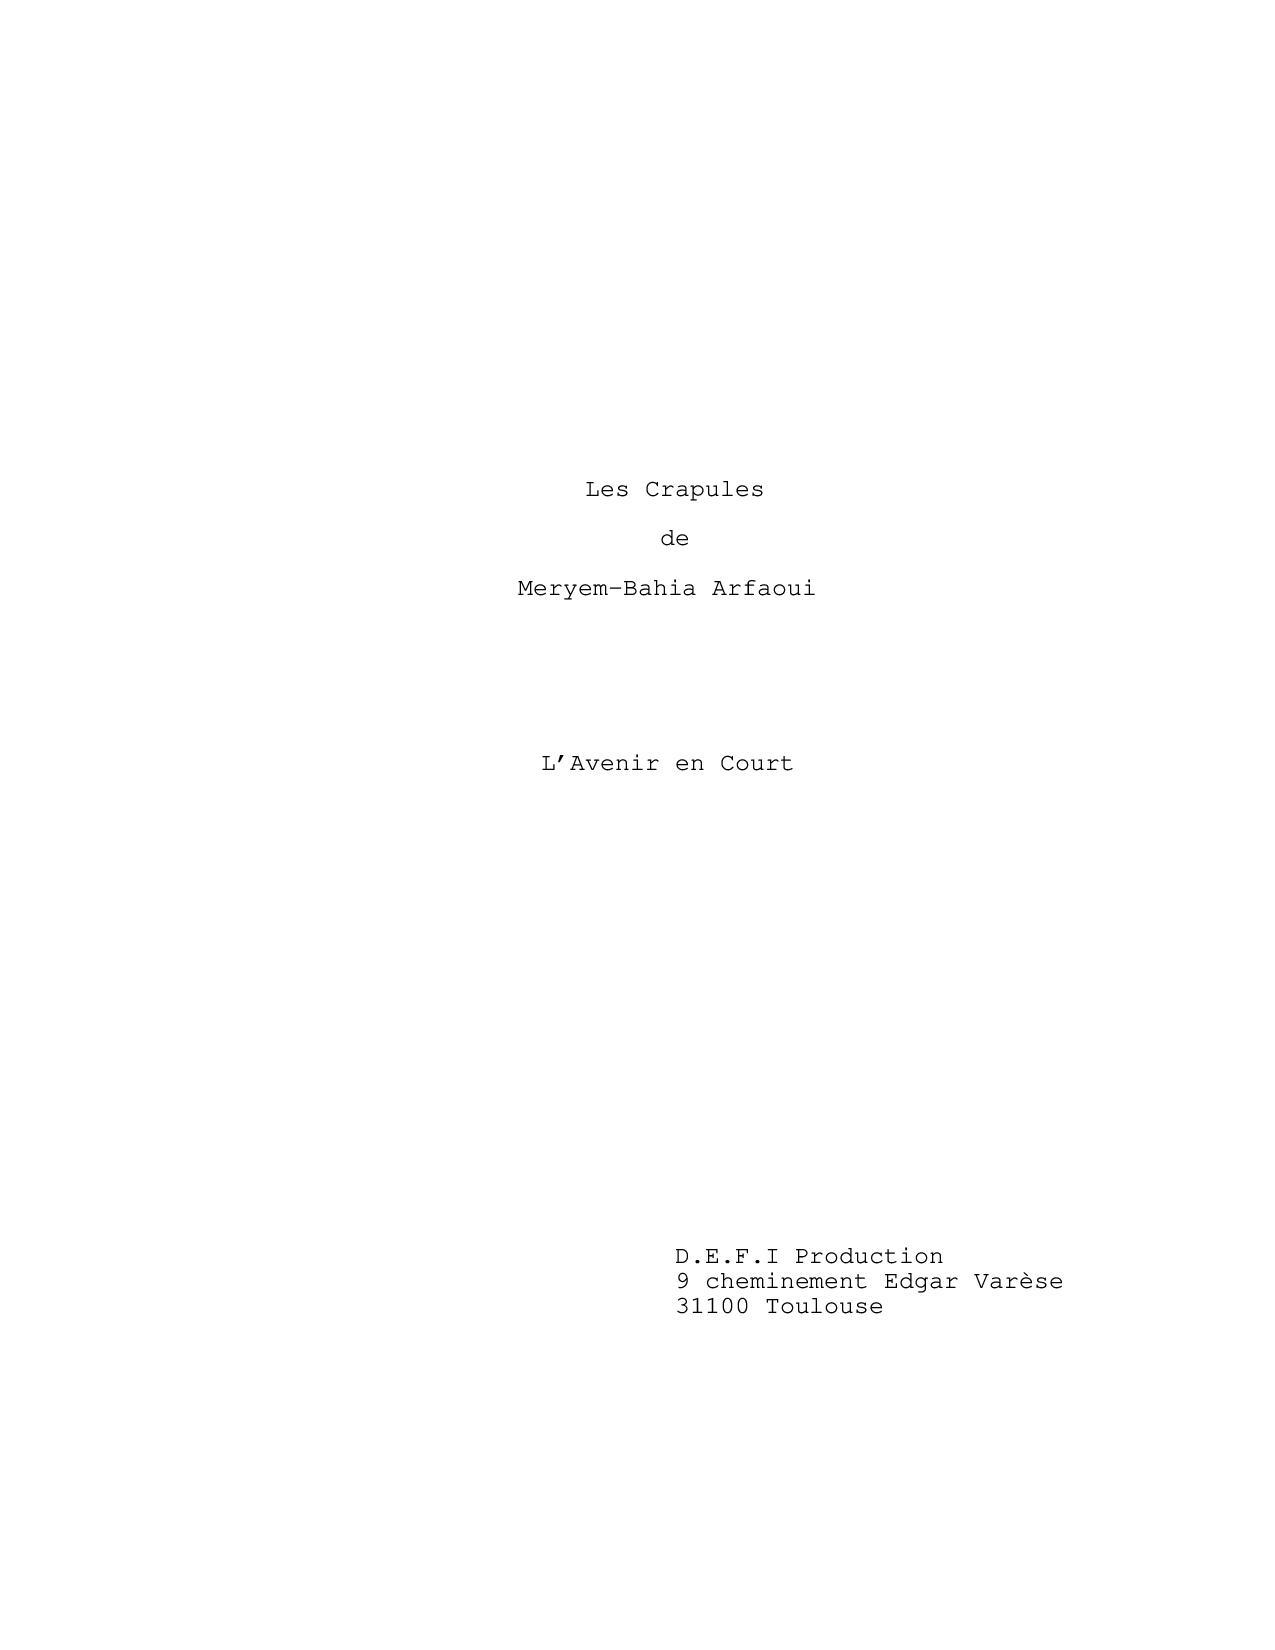 Les Crapules - Scénario-page-001